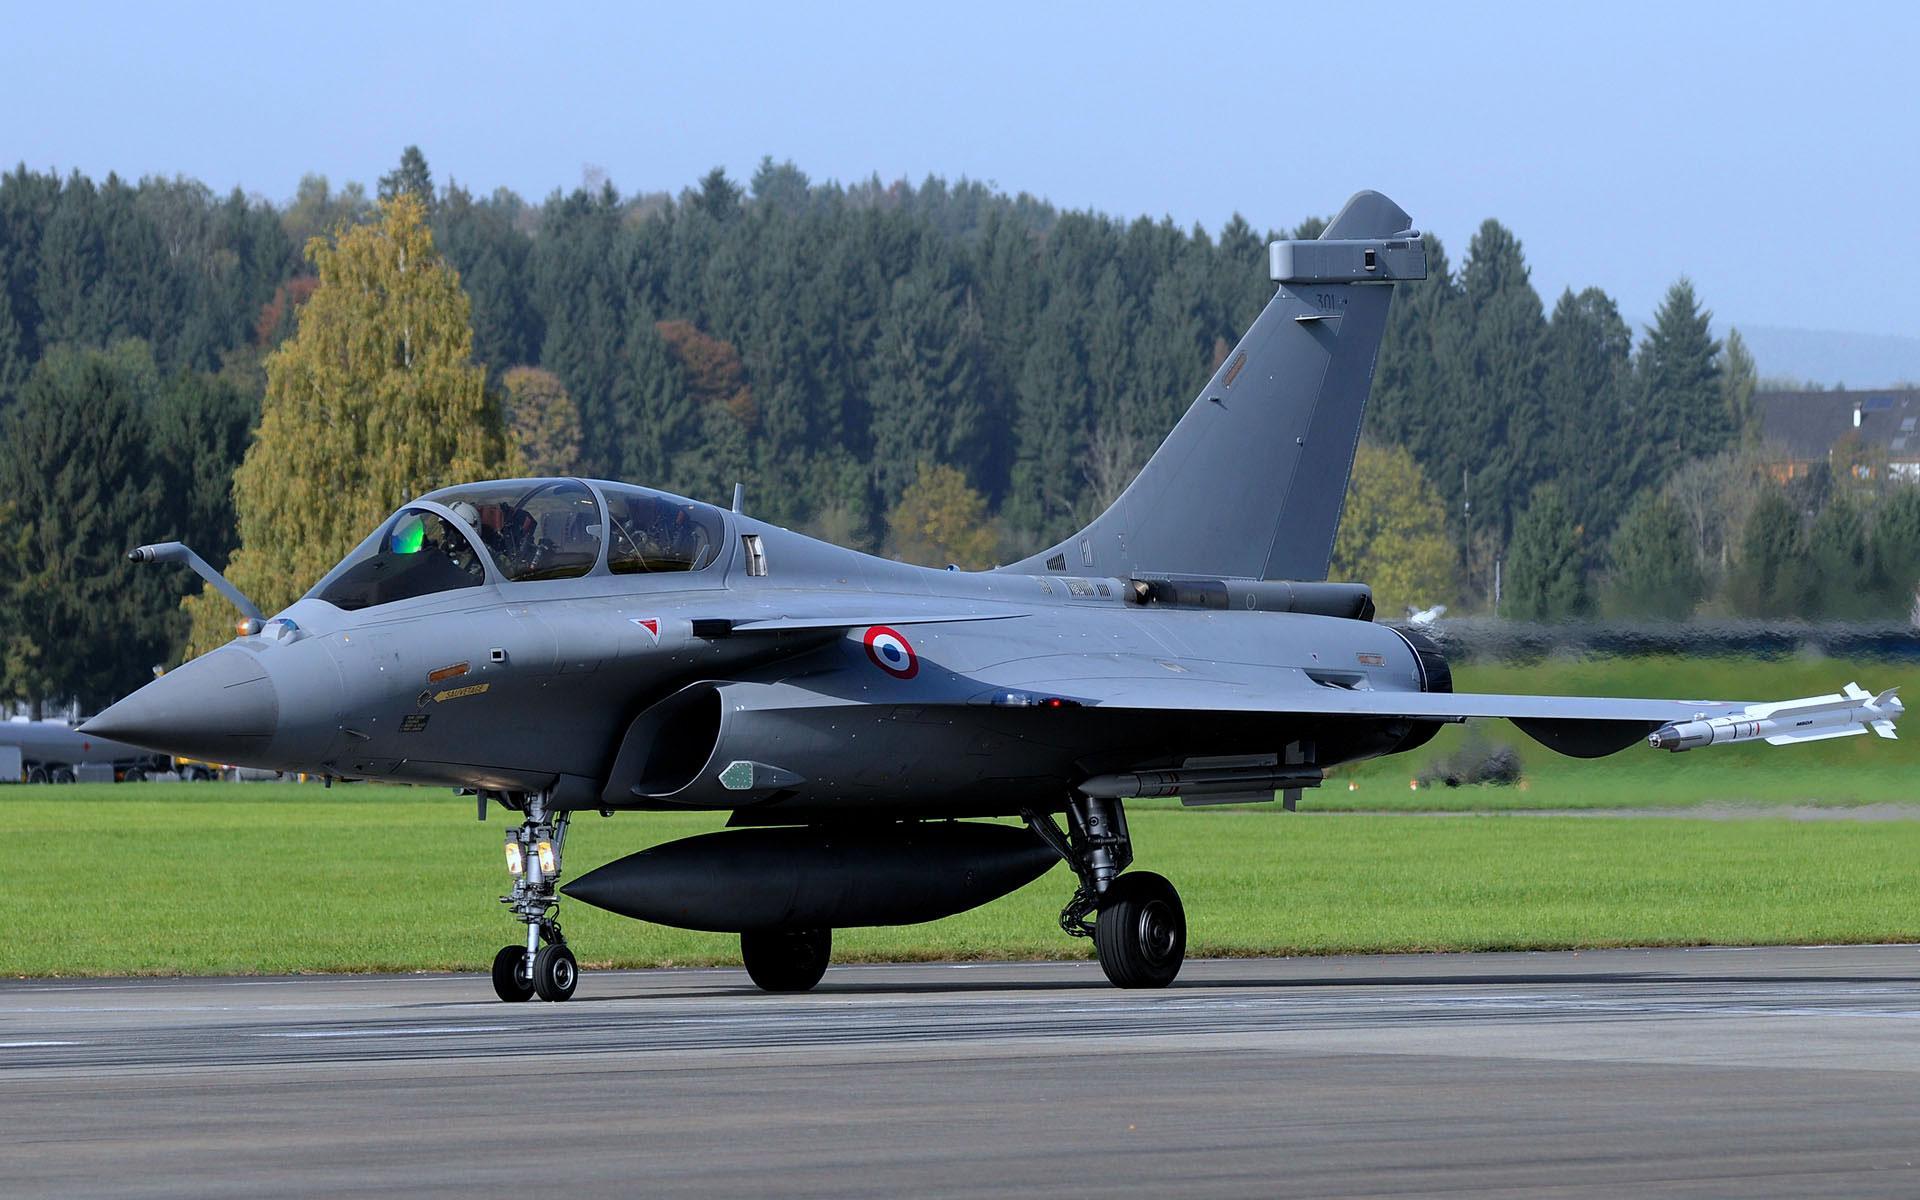 Скачать обои военный самолет на базе